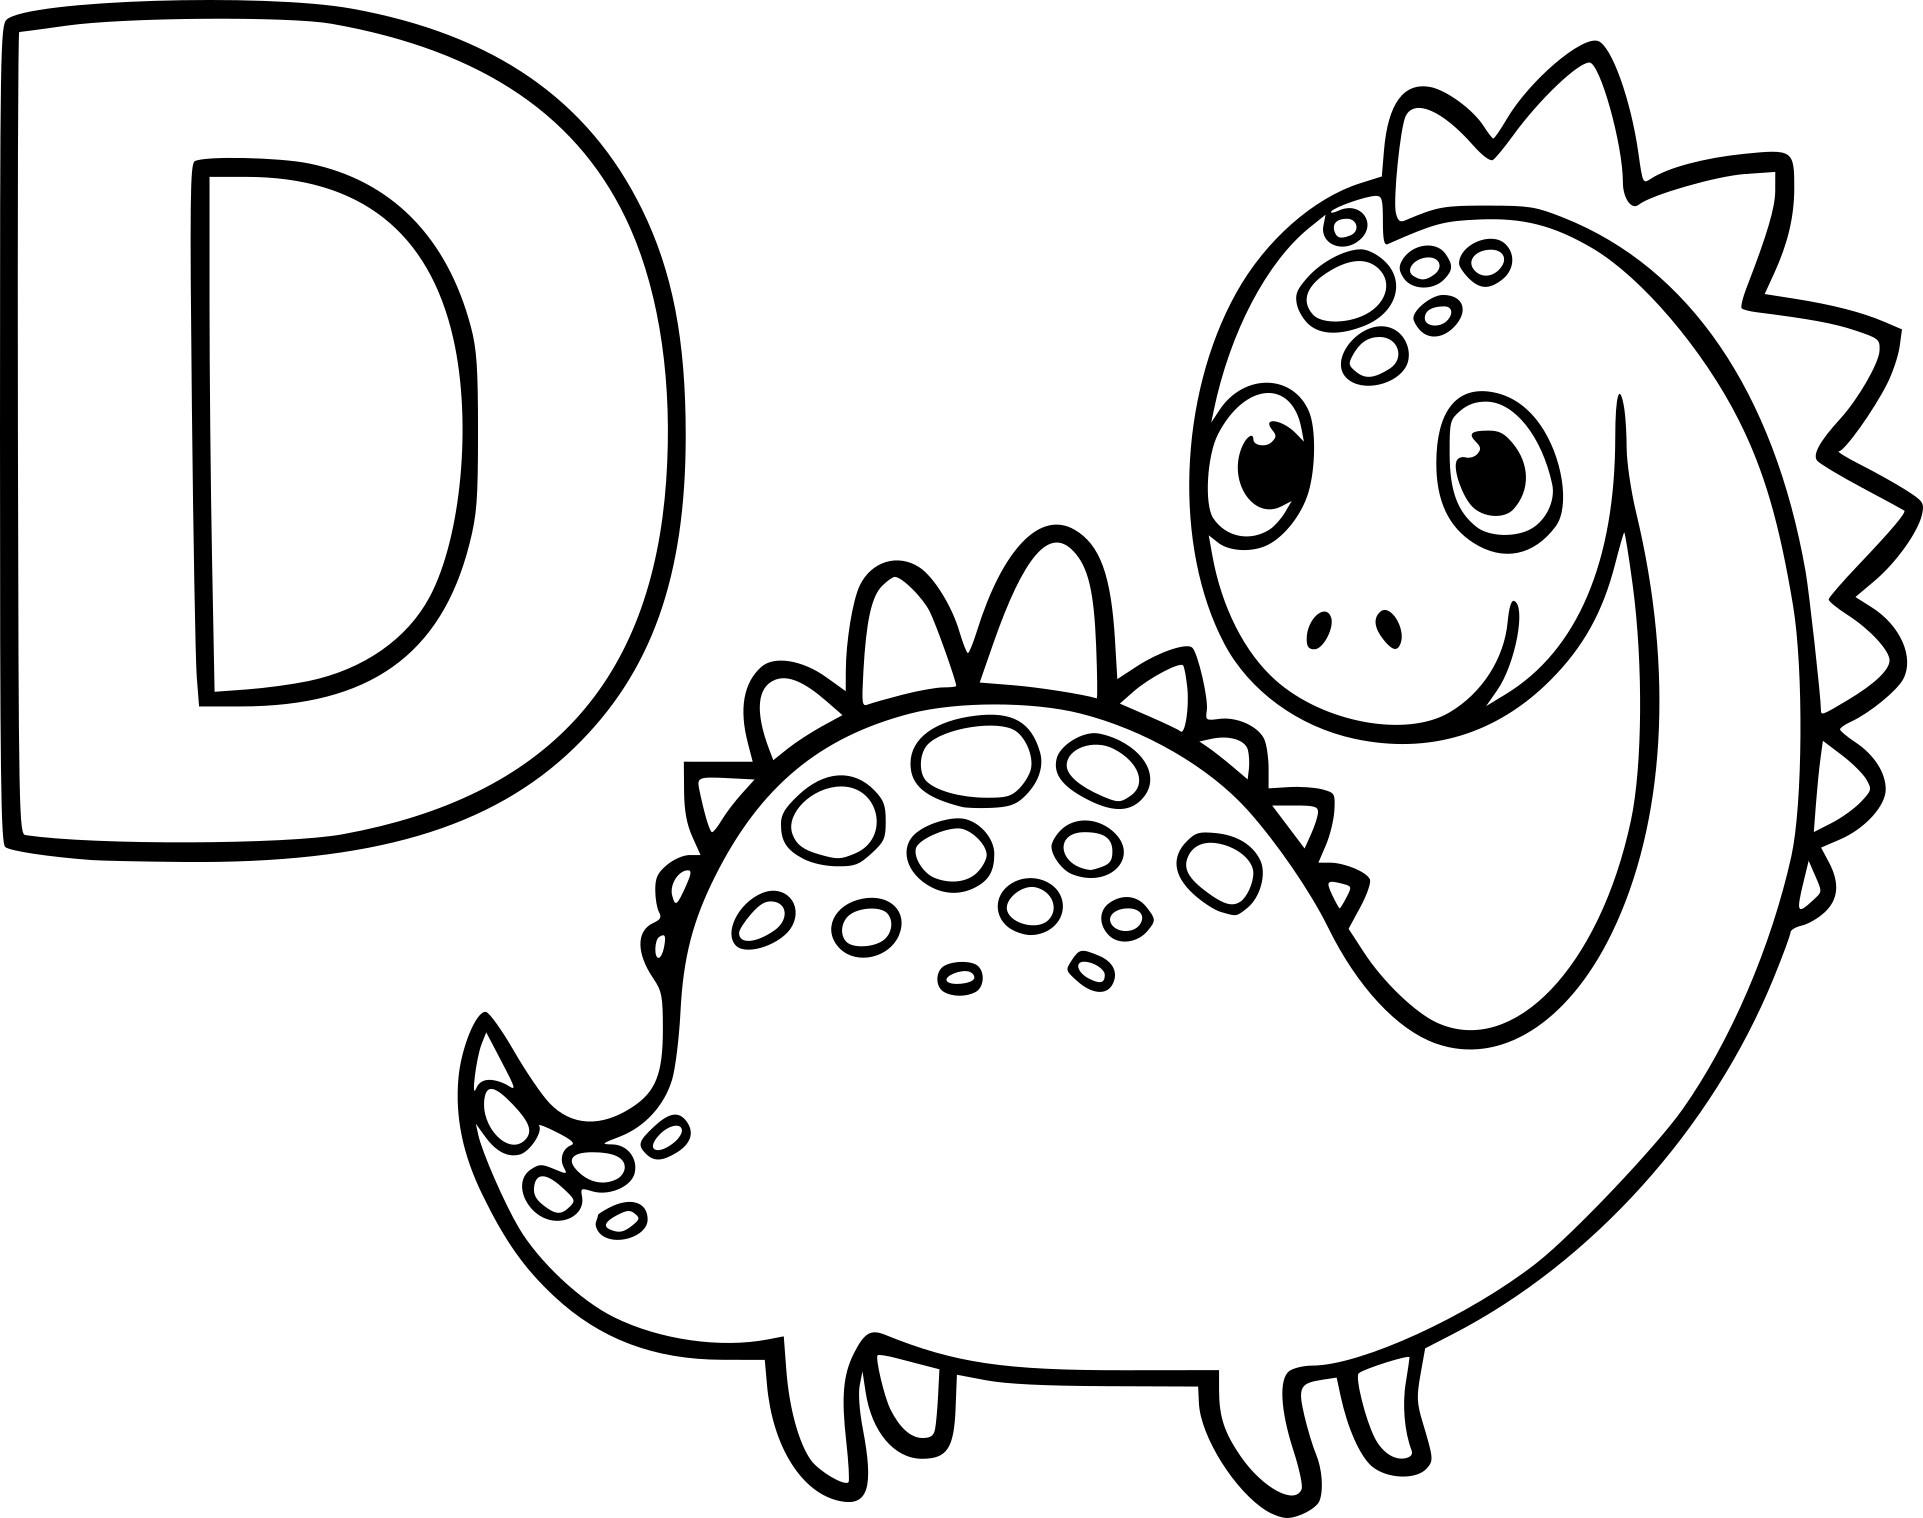 Coloriage D comme dinosaure